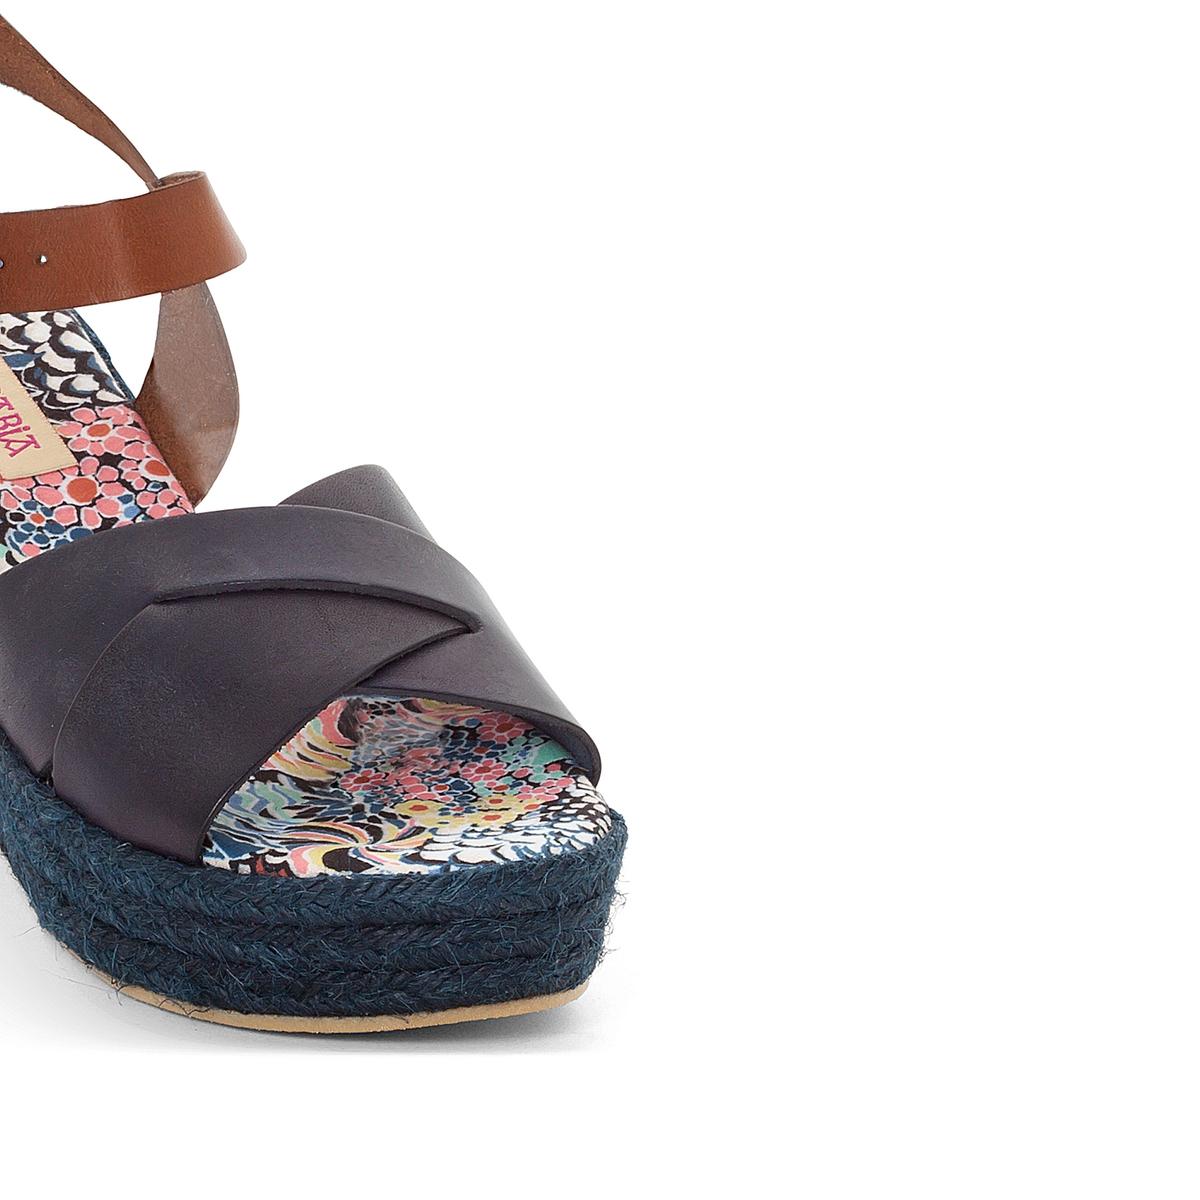 Босоножки кожаные на танкетке ElizaВерх/Голенище: Кожа.   Стелька: Текстиль.  Подошва: Каучук.  Высота каблука: 6,5 см.  Форма каблука: Танкетка.Мысок: Закругленный.  Застежка: Пряжка.<br><br>Цвет: розовый каштан,темно-синий/каштан